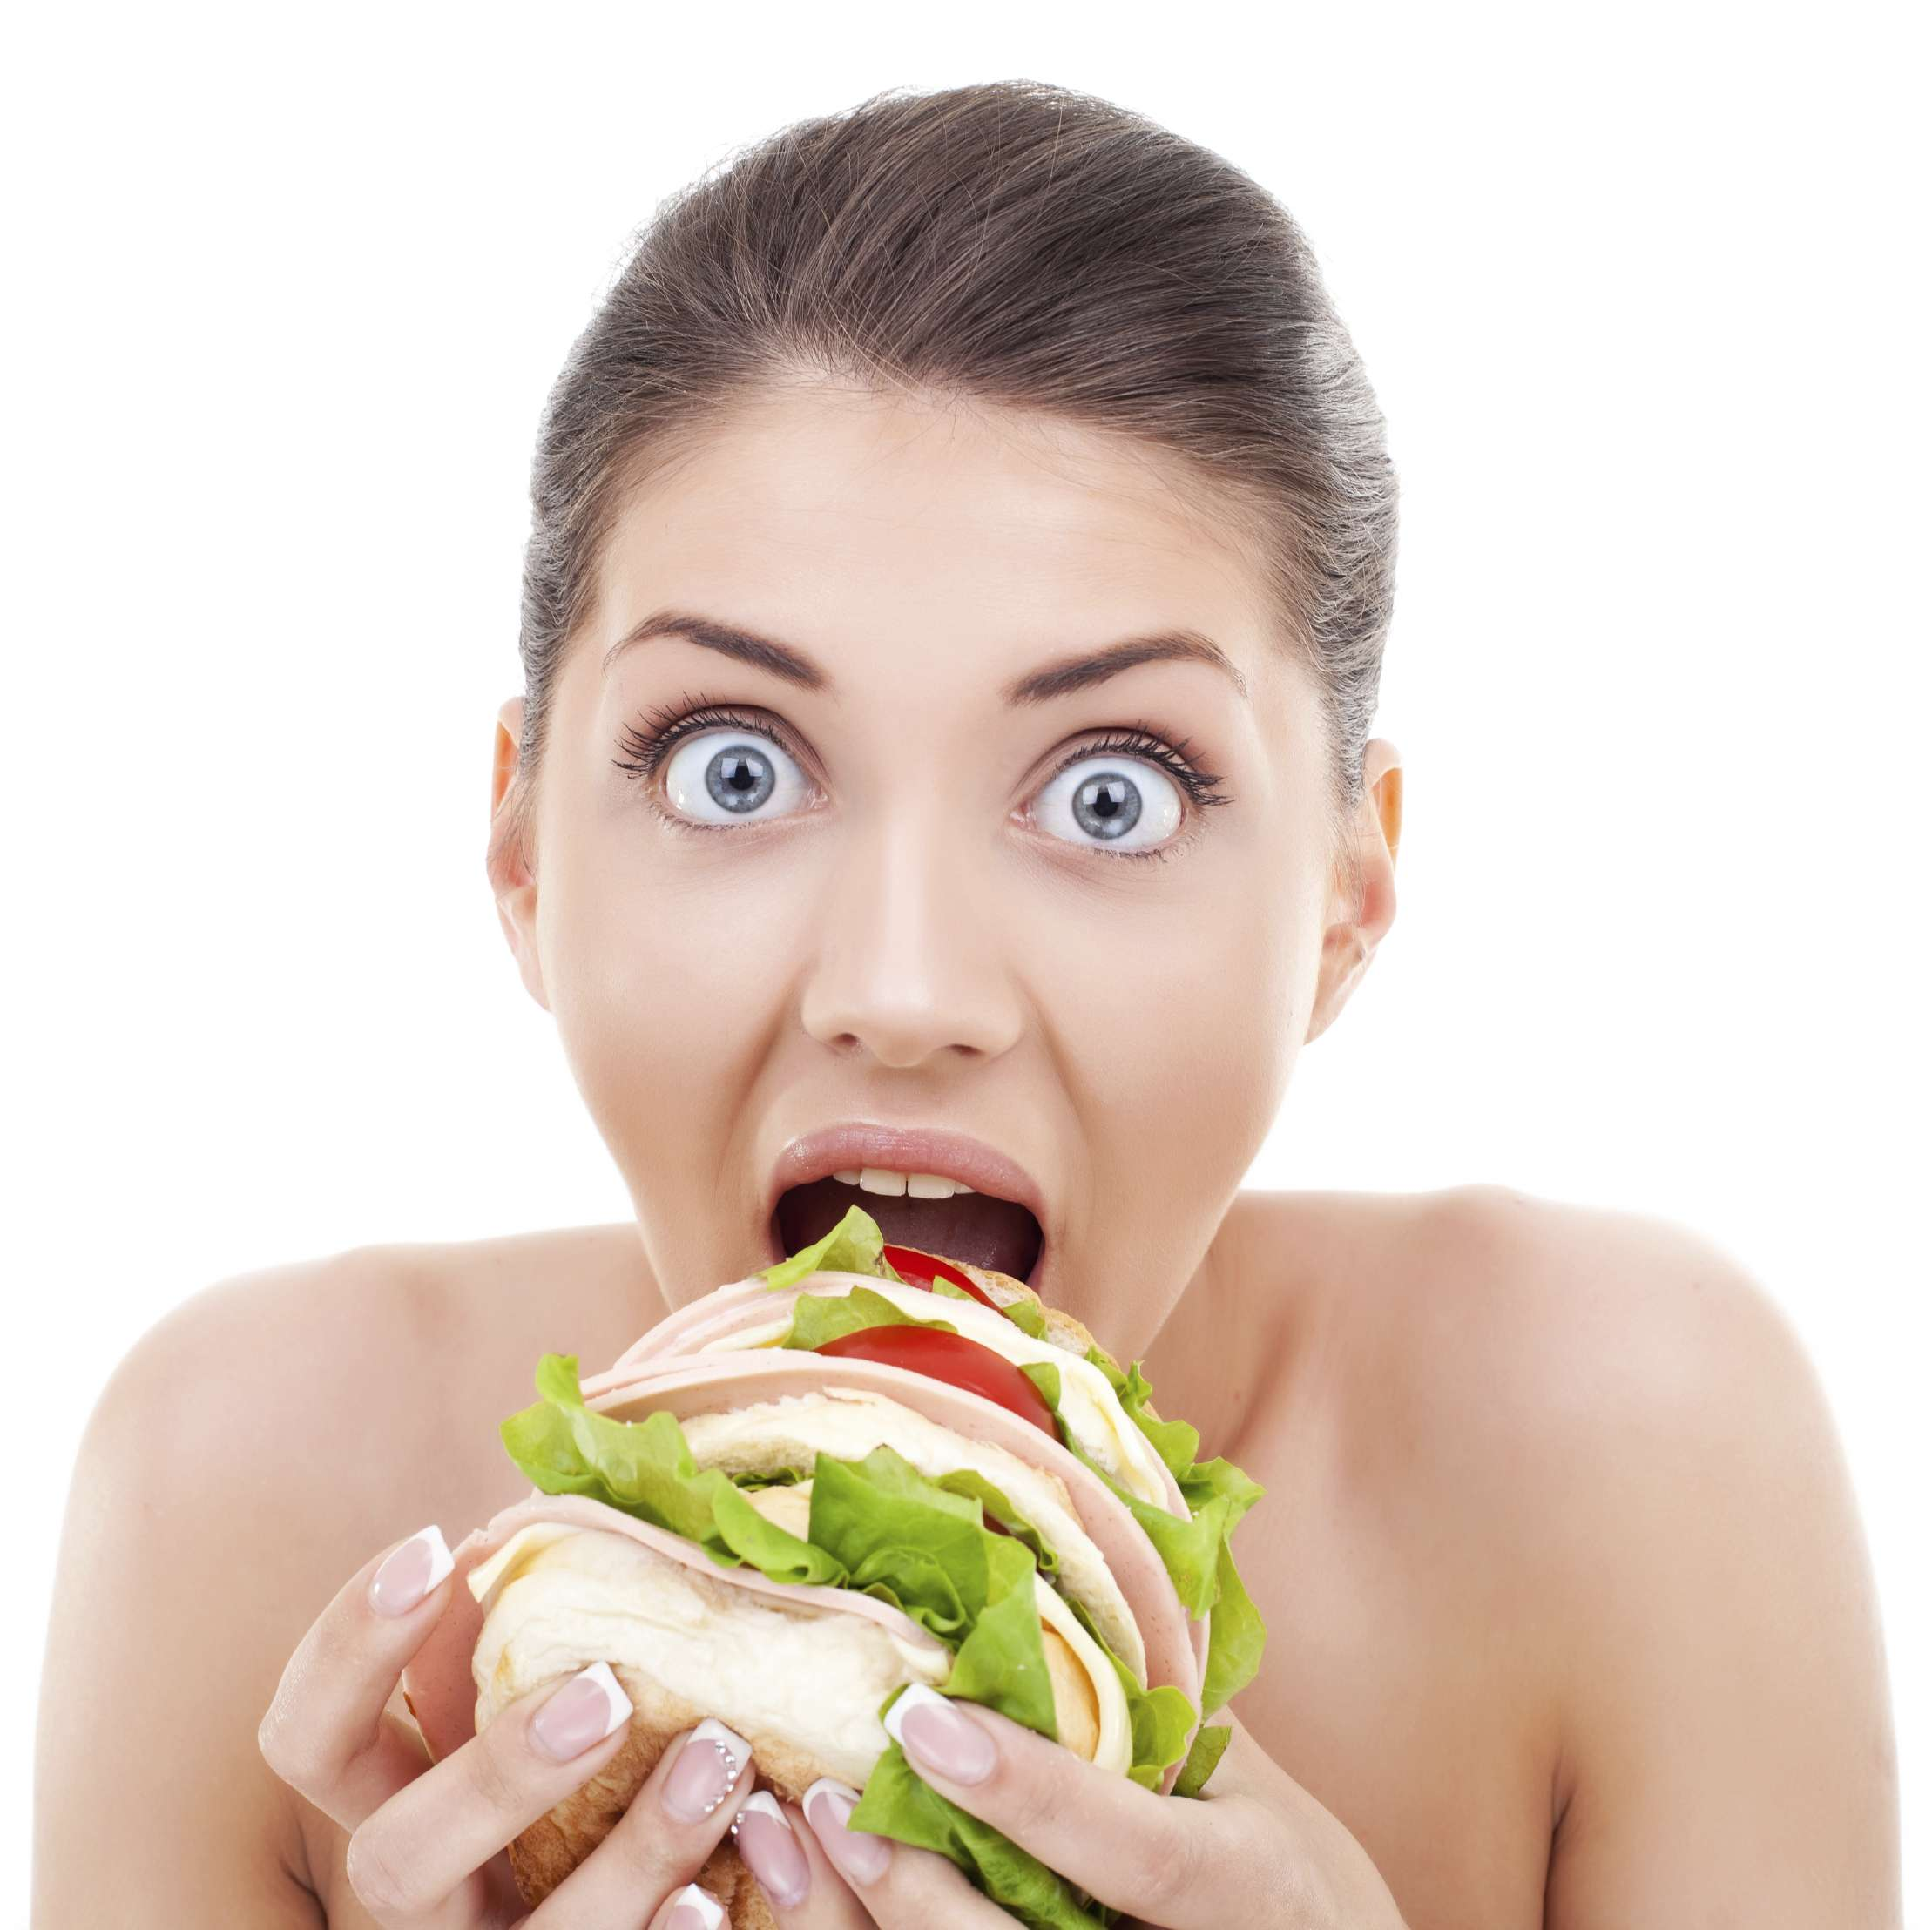 Una dieta que contenga todos los grupos de alimentos, aunque en diferentes proporciones, es la mejor opción. Foto: iStock